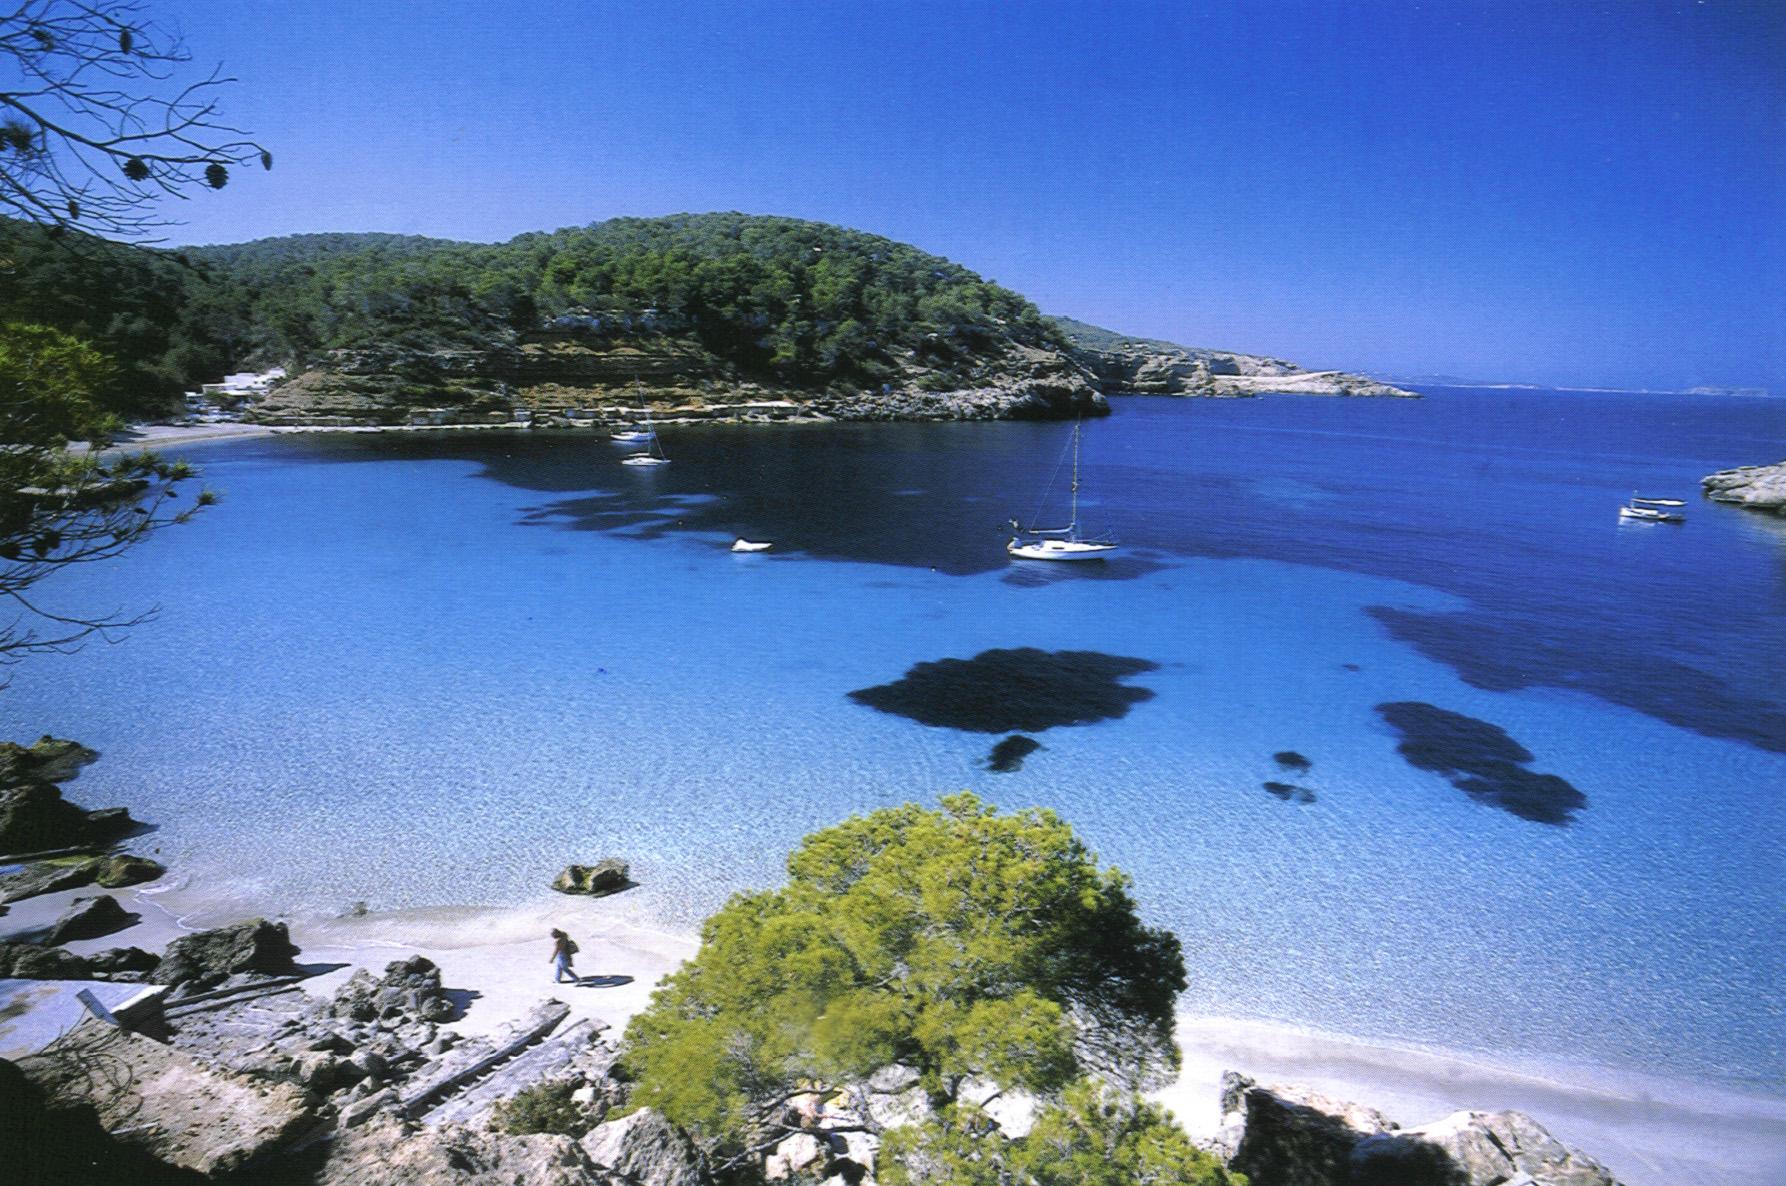 Ibiza-cala bassa jpg